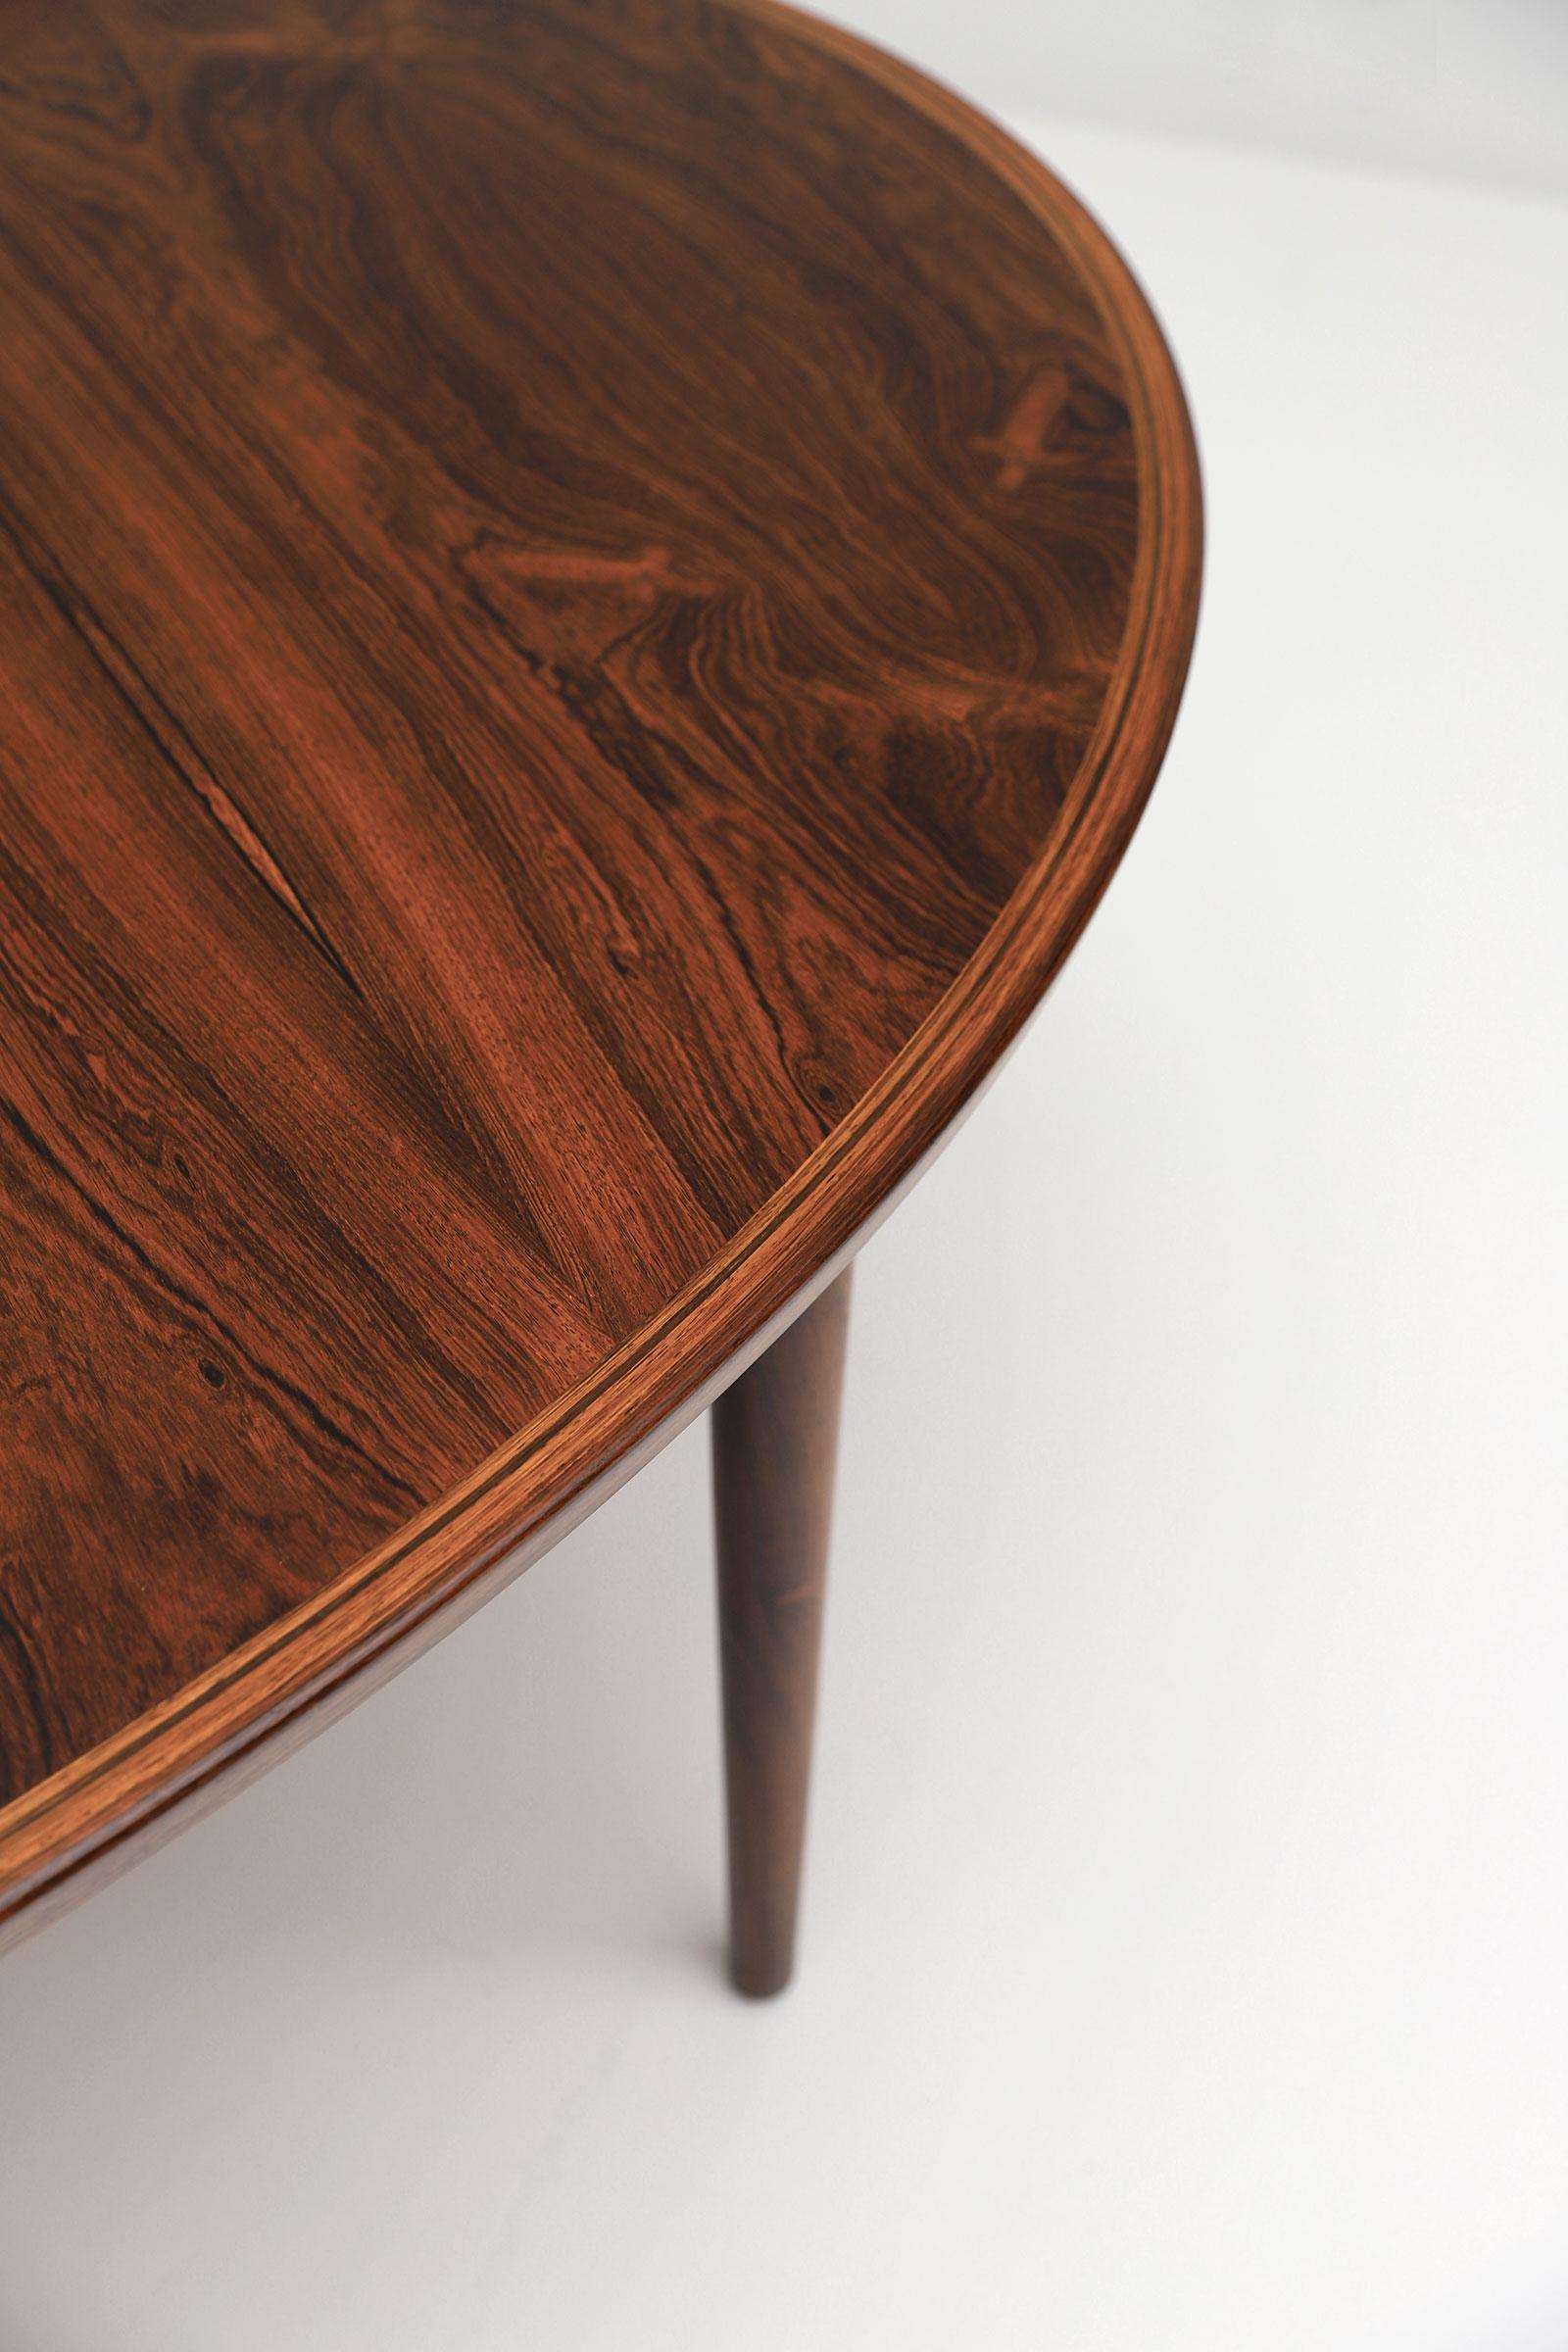 Arne Vodder Oval Dining Table model 212